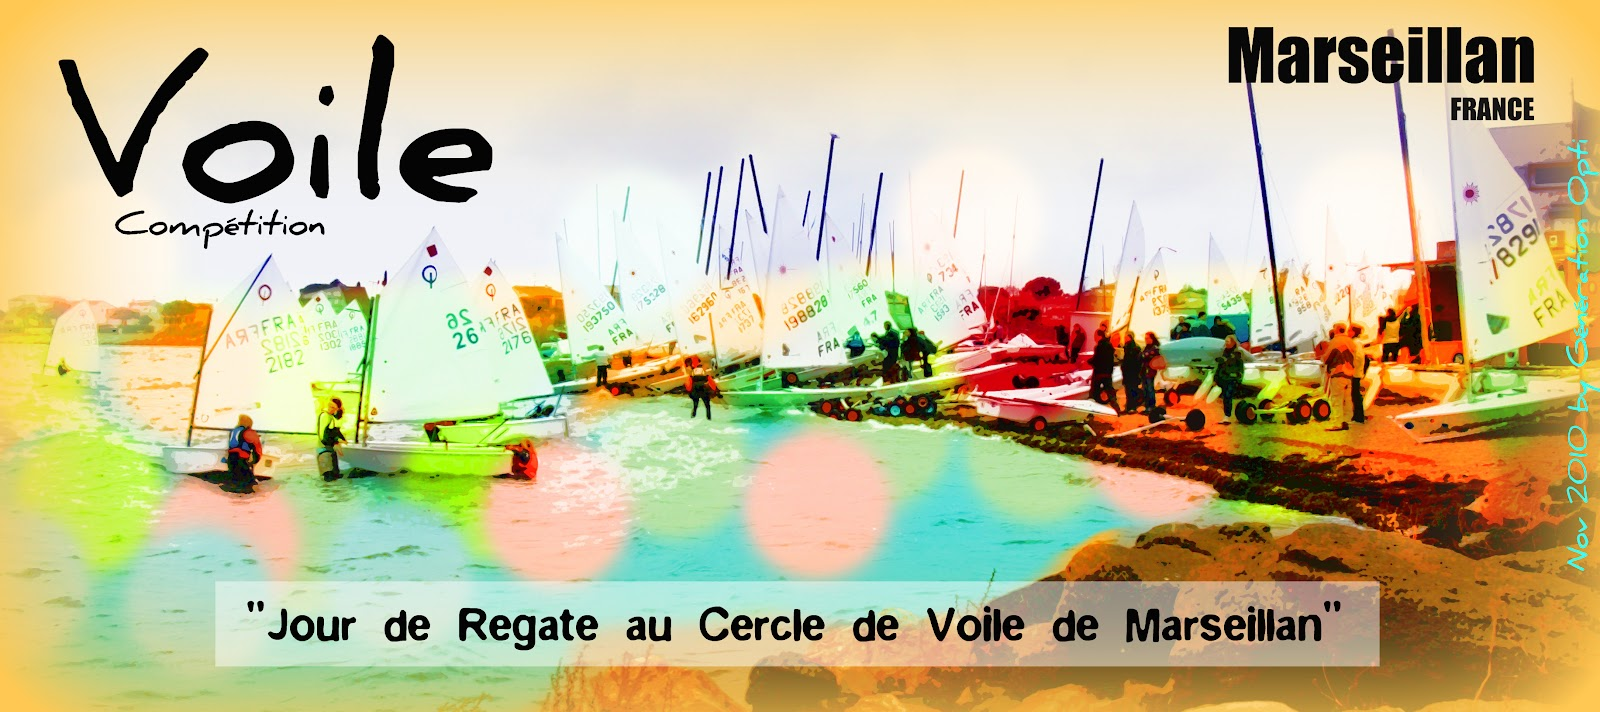 Voile Optimist Generation-Opti Hérault Compétition régate